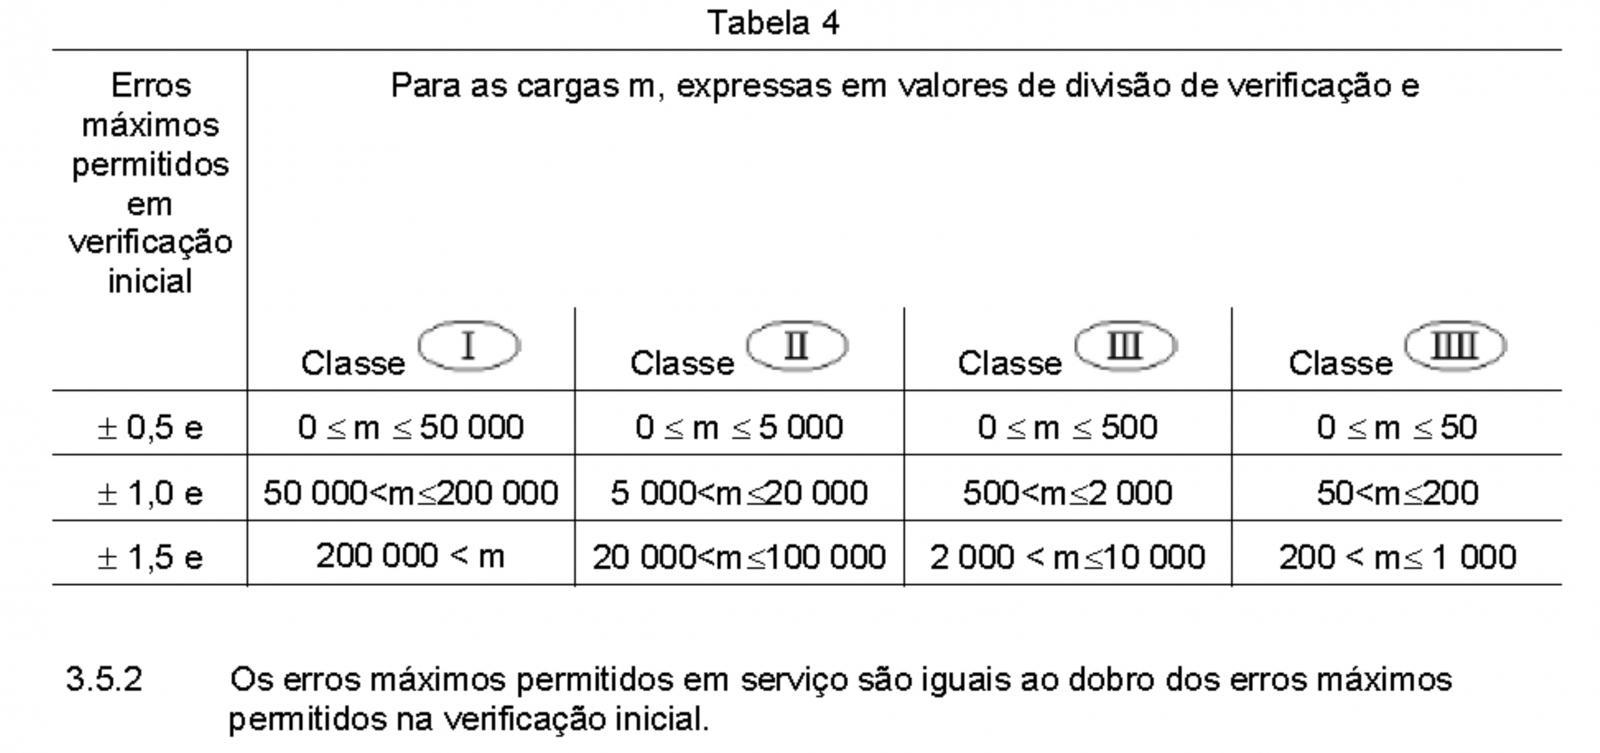 Como calcular o erro máximo permitido de uma balança - Portaria do INMETRO n° 236/94